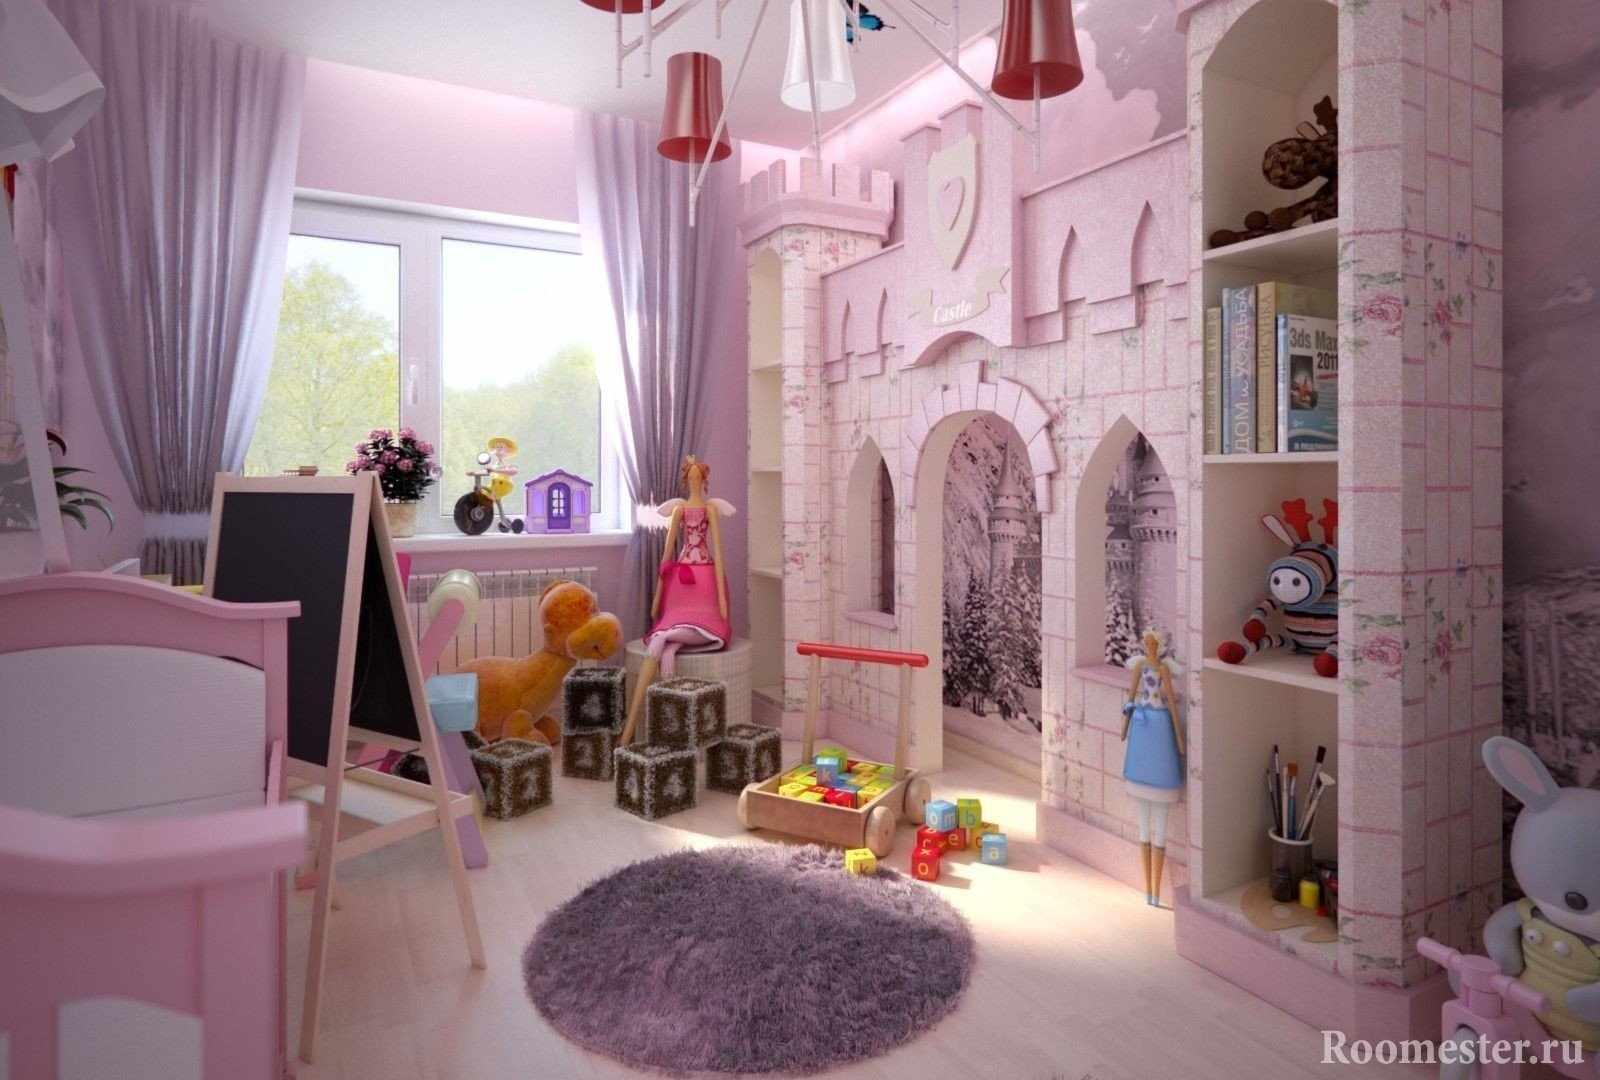 Замок в интерьере детской